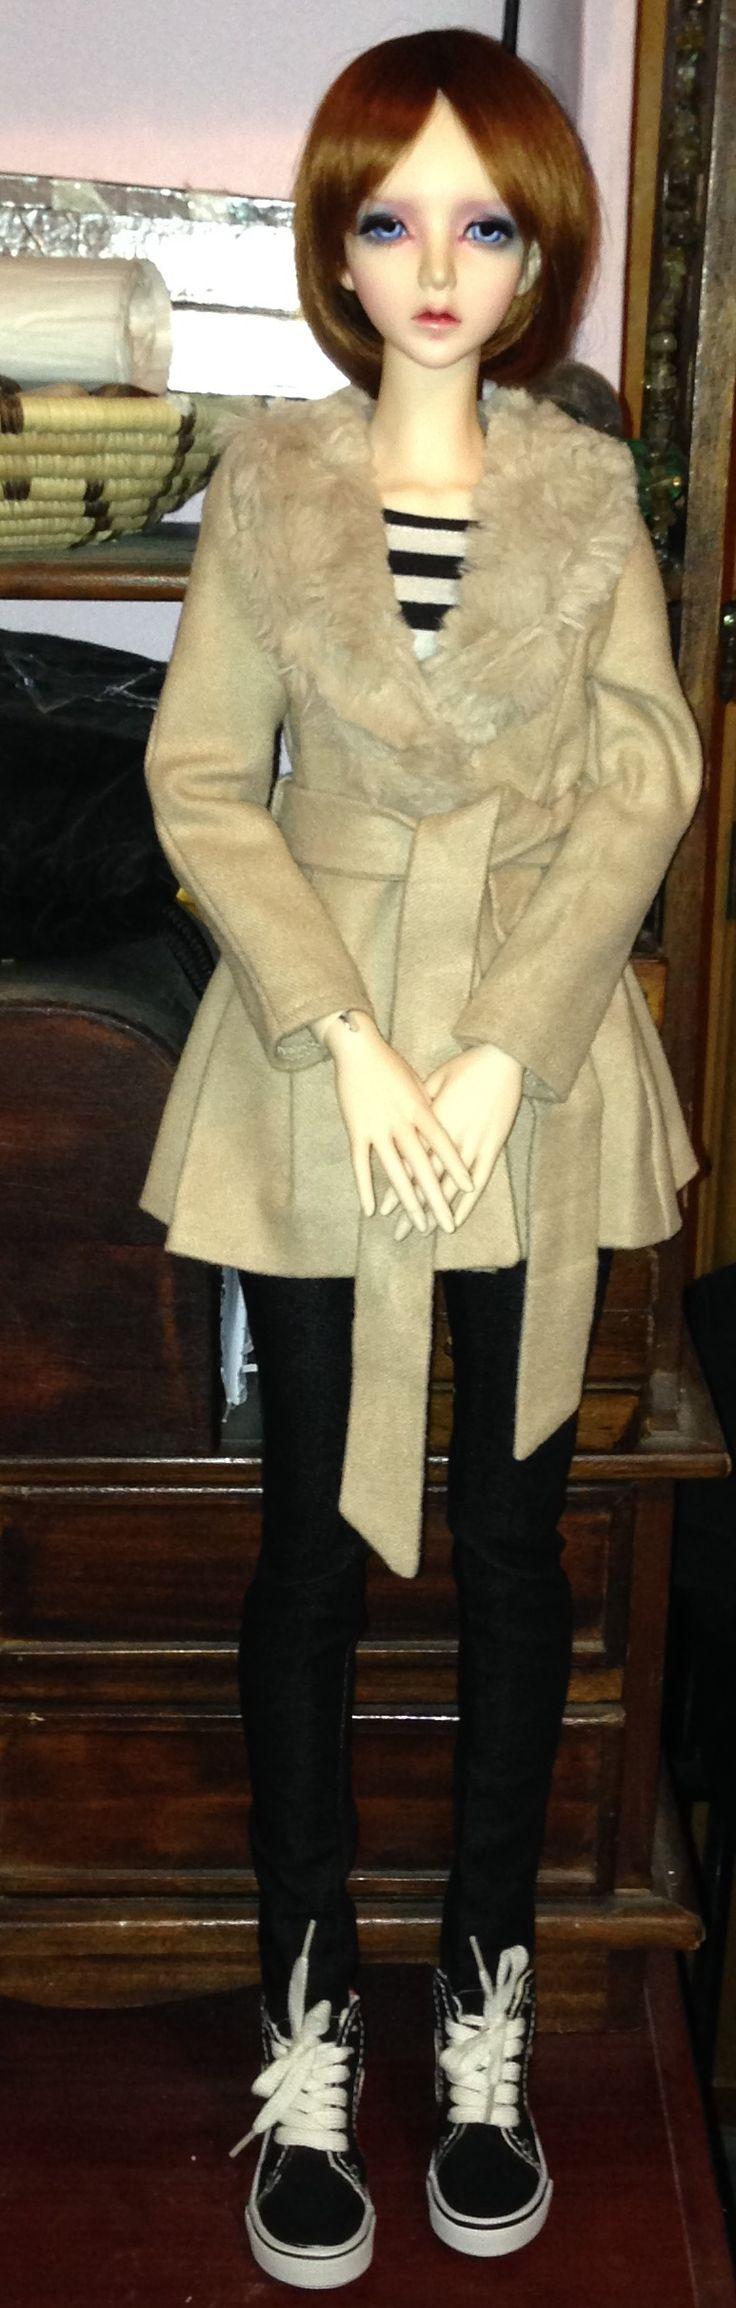 Soul Zenith, sculpt Monique wearing nine9 clothes